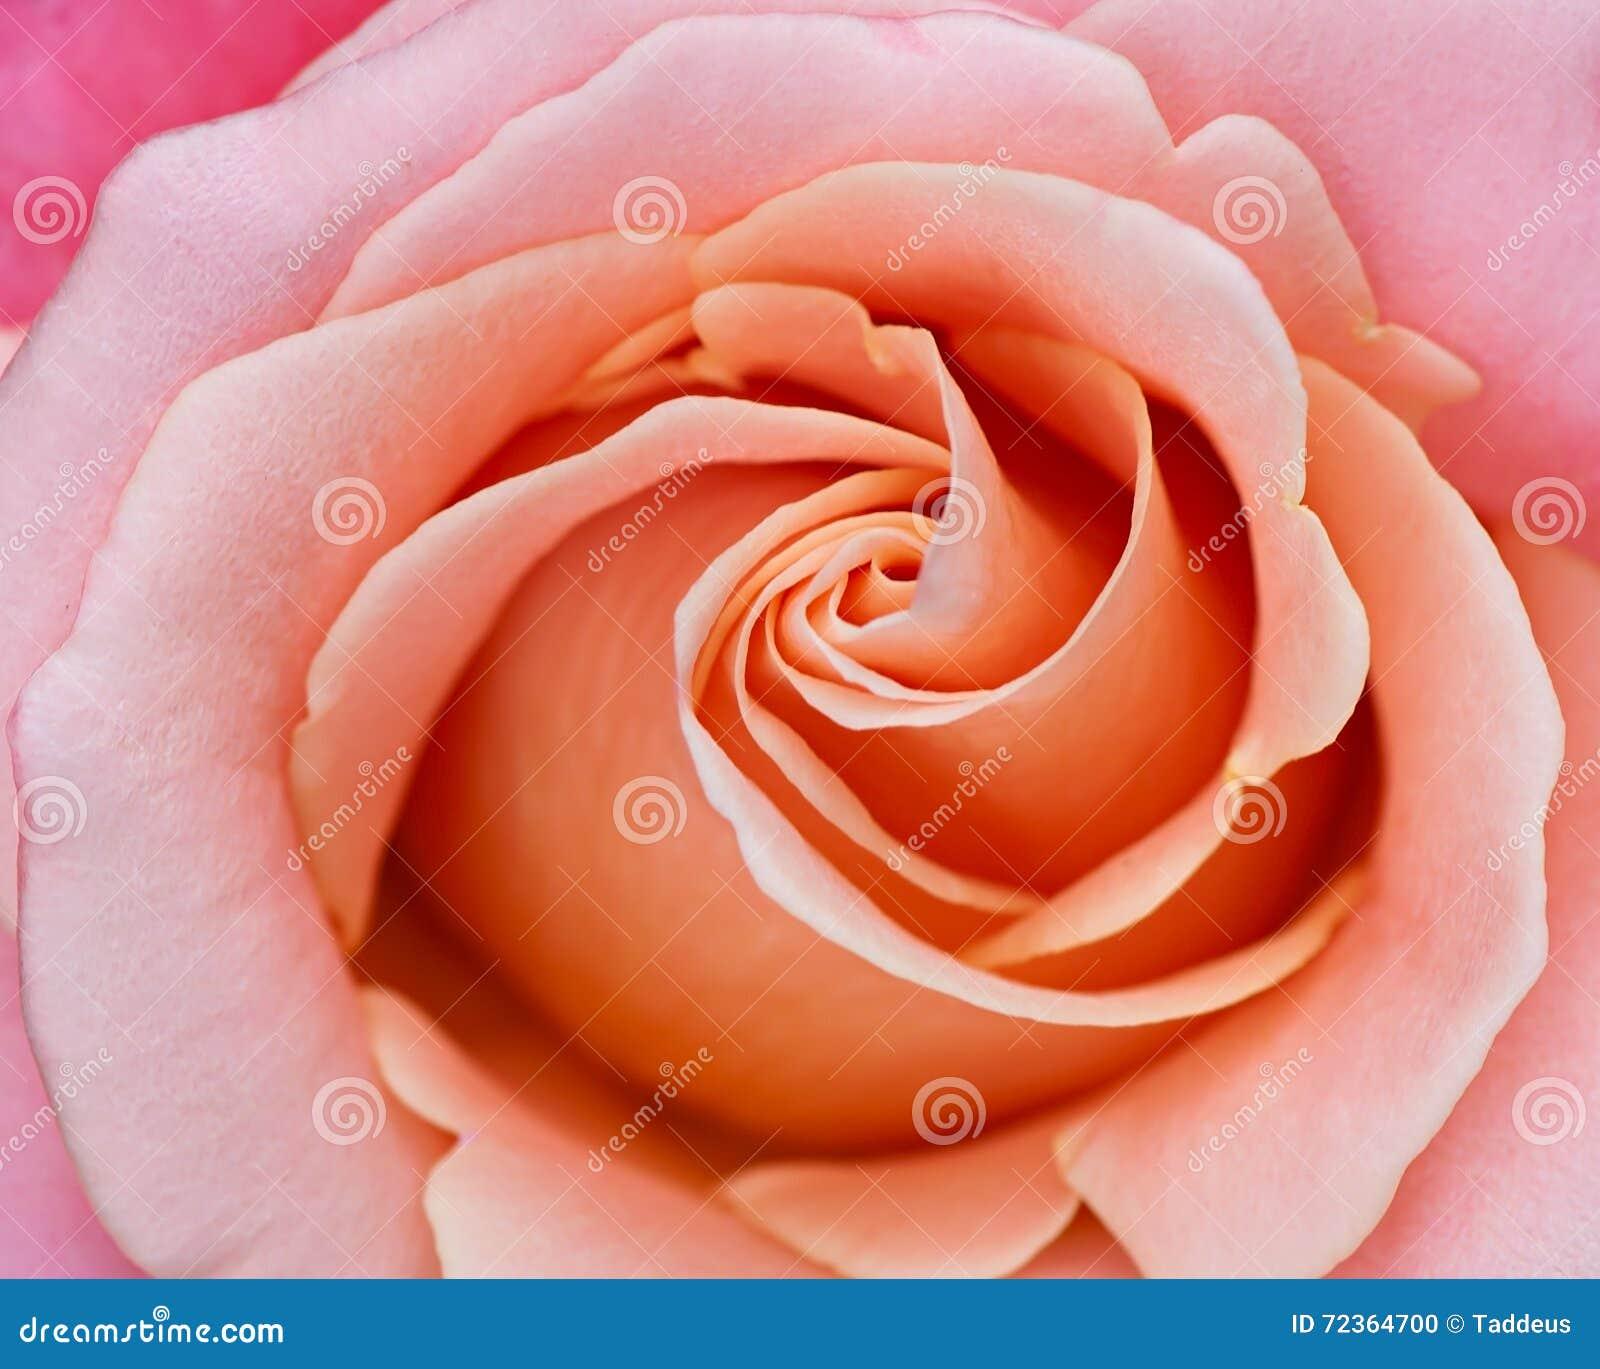 Abstrakt bakgrund av en ros